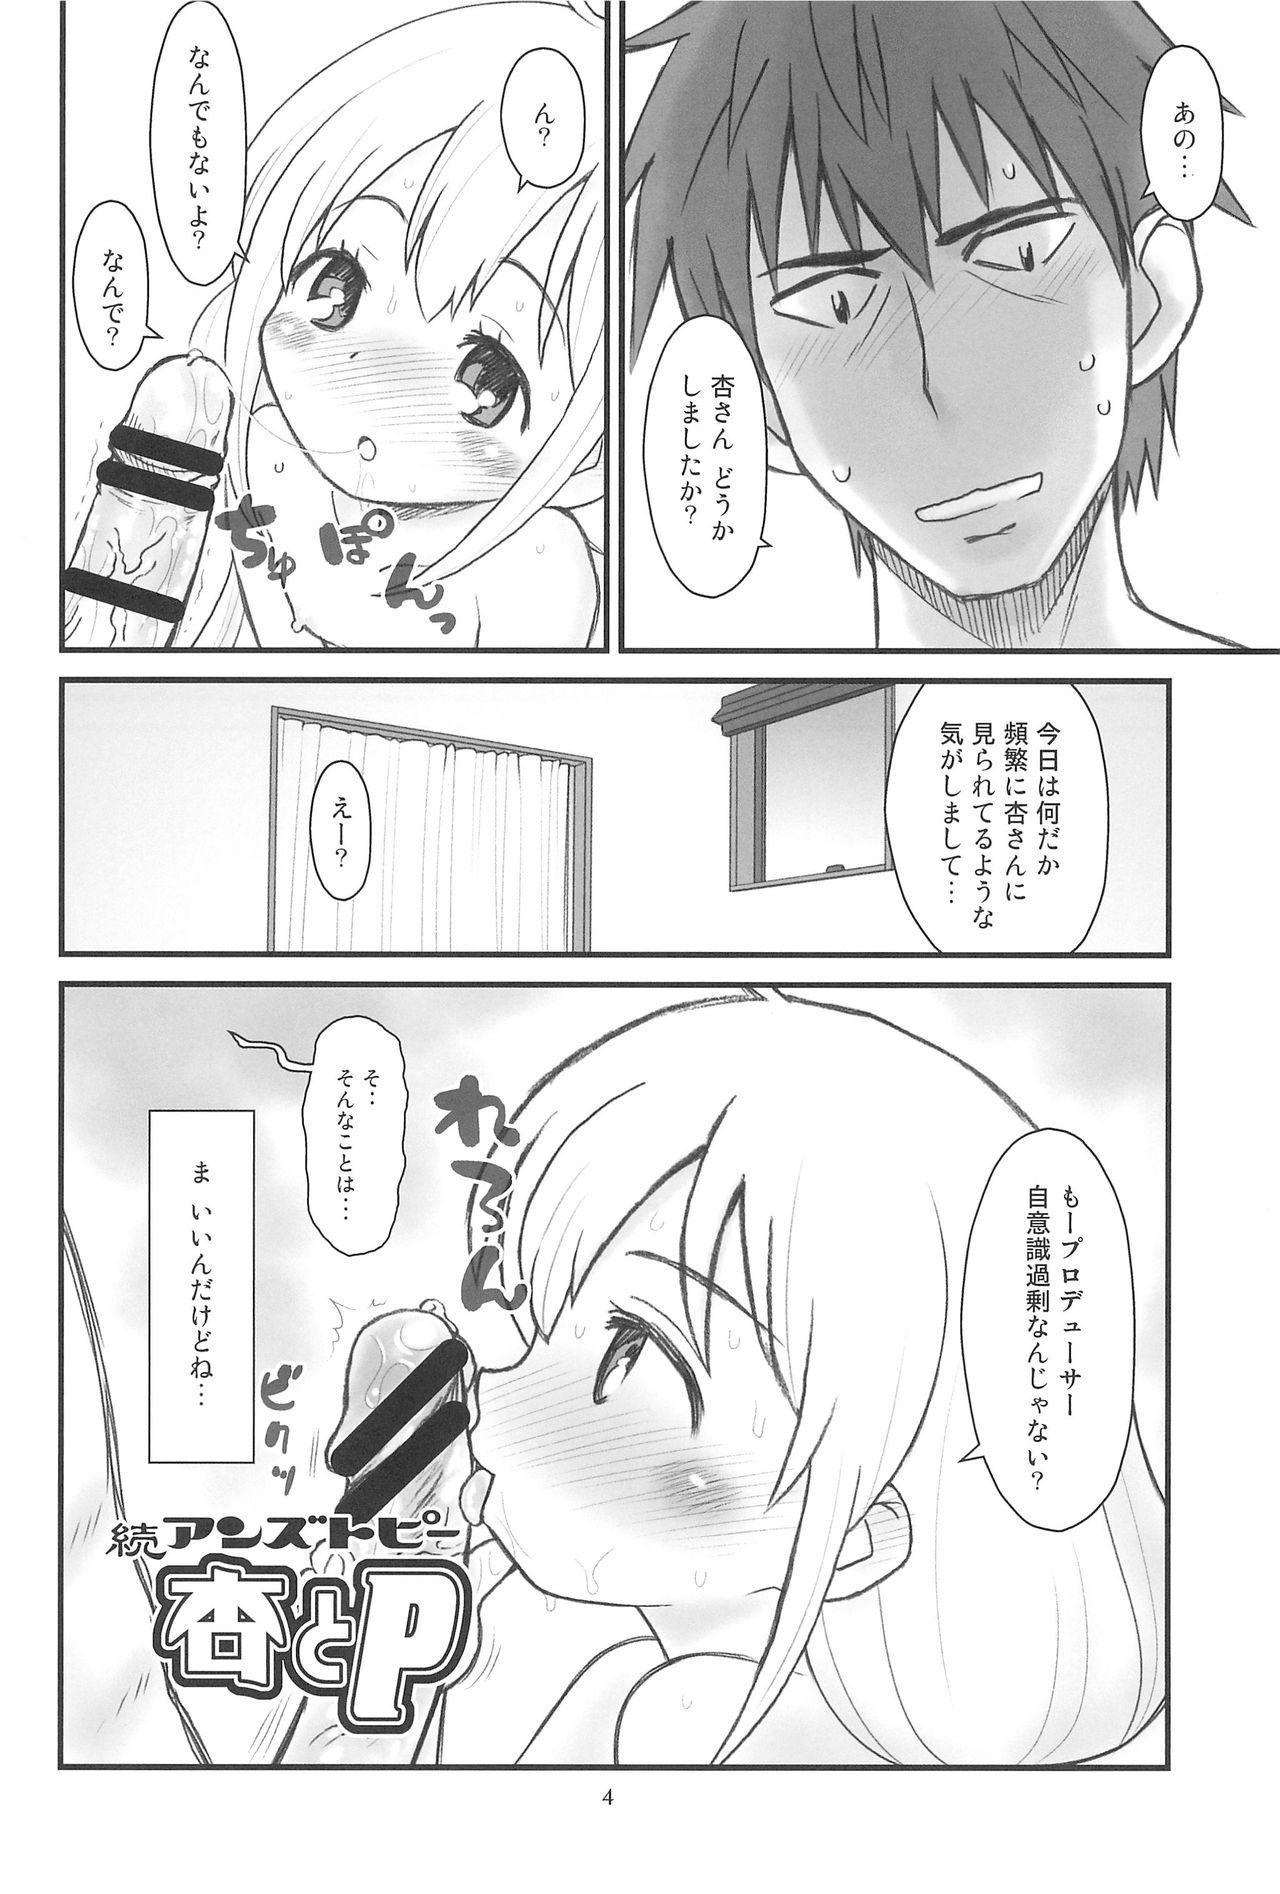 Hinnyuu Musume 34 5